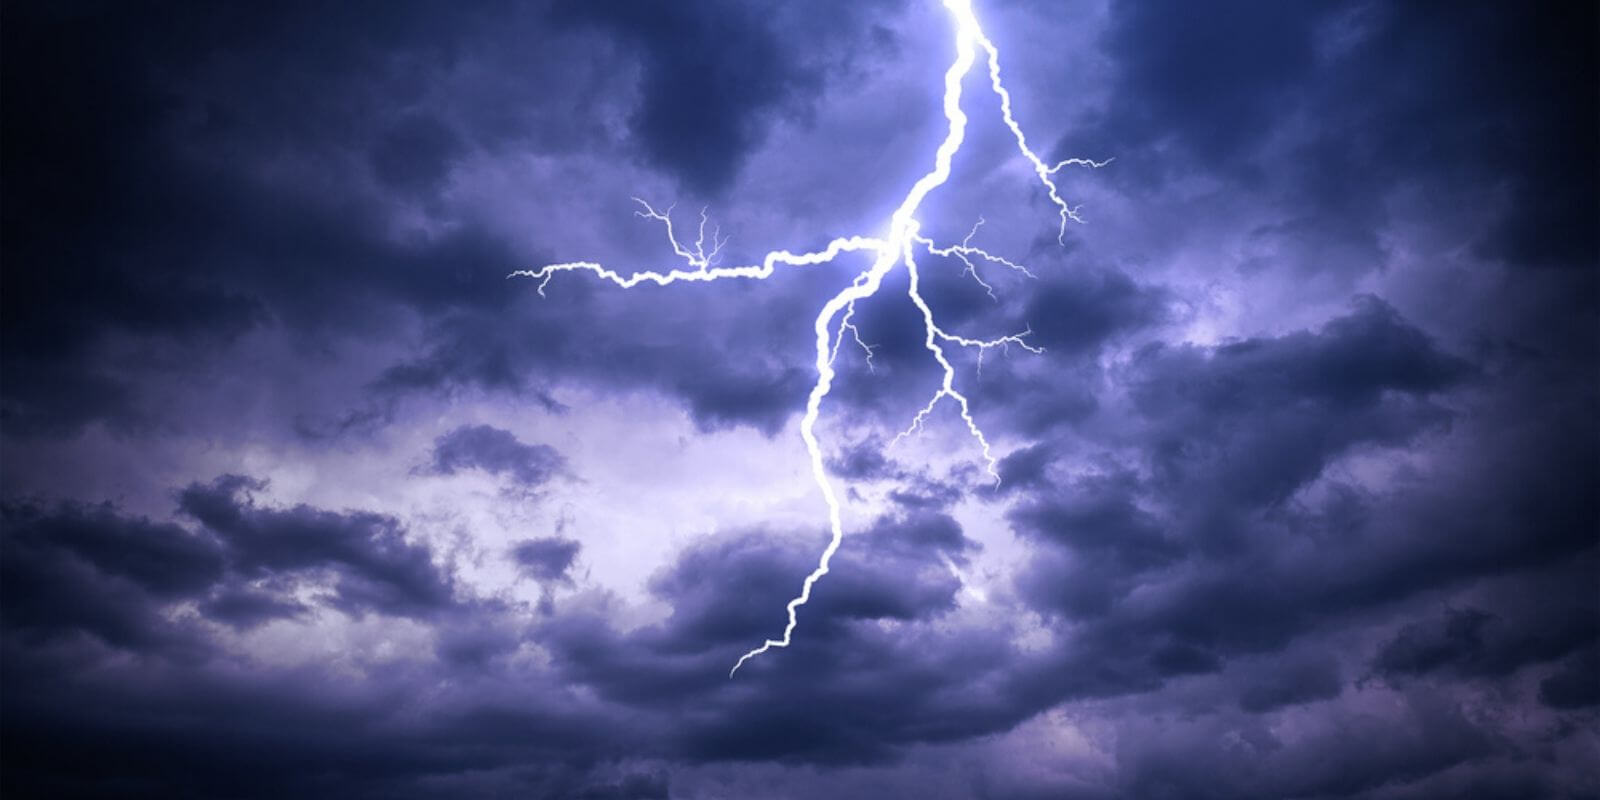 Le Lightning Network lève 10 millions de dollars et propose son premier produit payant